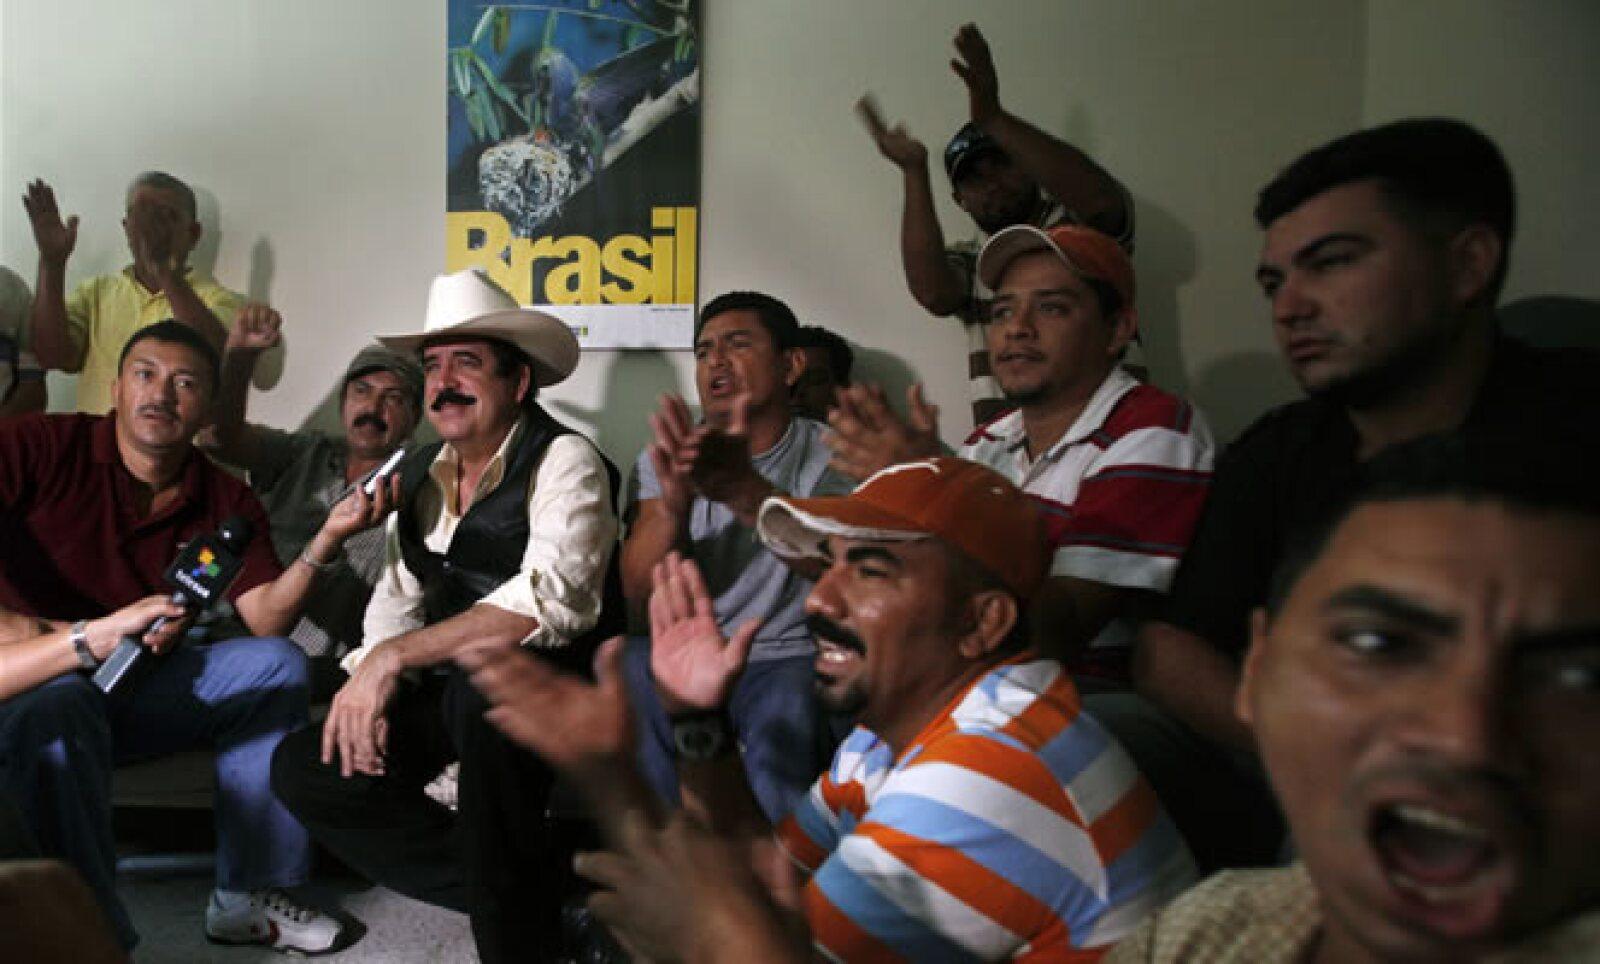 El depuesto presidente de Manuel Zelaya llegó el lunes a Honduras y se refugió en la embajada de Brasil en Tegucigalpa. El miércoles denunció que el Gobierno de facto de su país tendría un plan para capturarlo y asesinarlo. EU está atento a la situación.